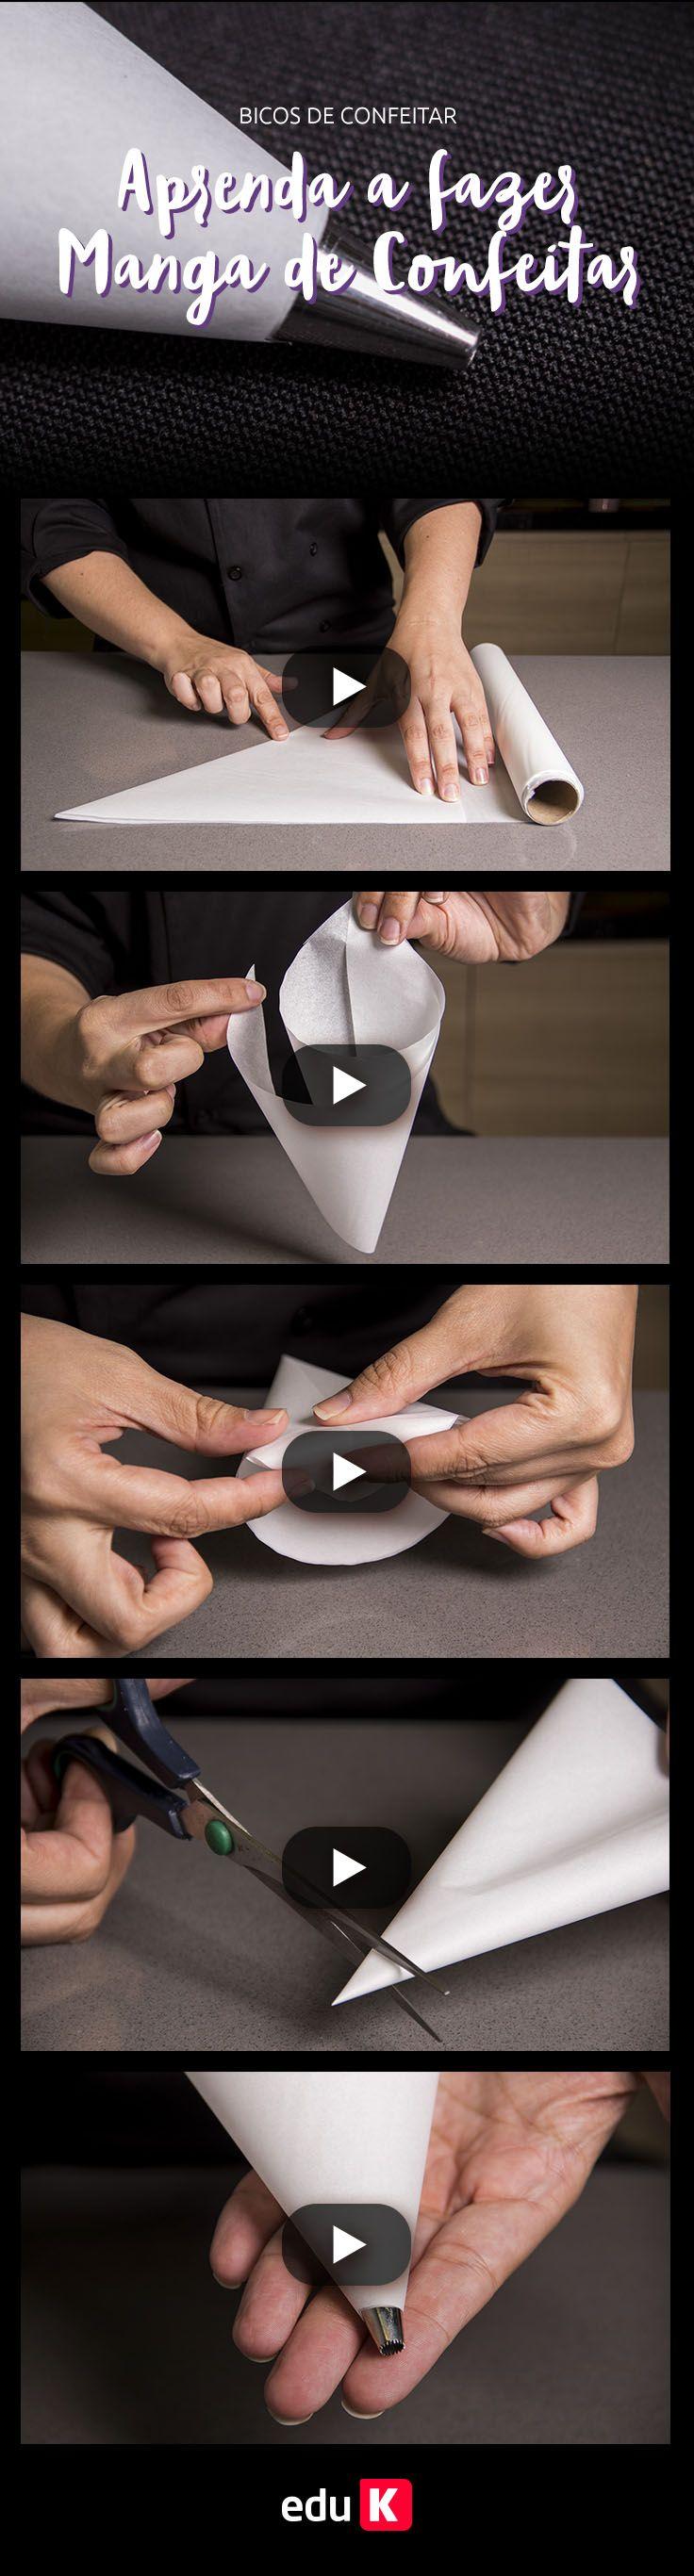 Aprendeu a fazer a manga de confeitar? Agora você pode aprender diferentes técnicas para usar e se diferenciar no seu negócio de confeitaria :) Clique na imagem e saiba quais são as principais tendências na decoração de doces!